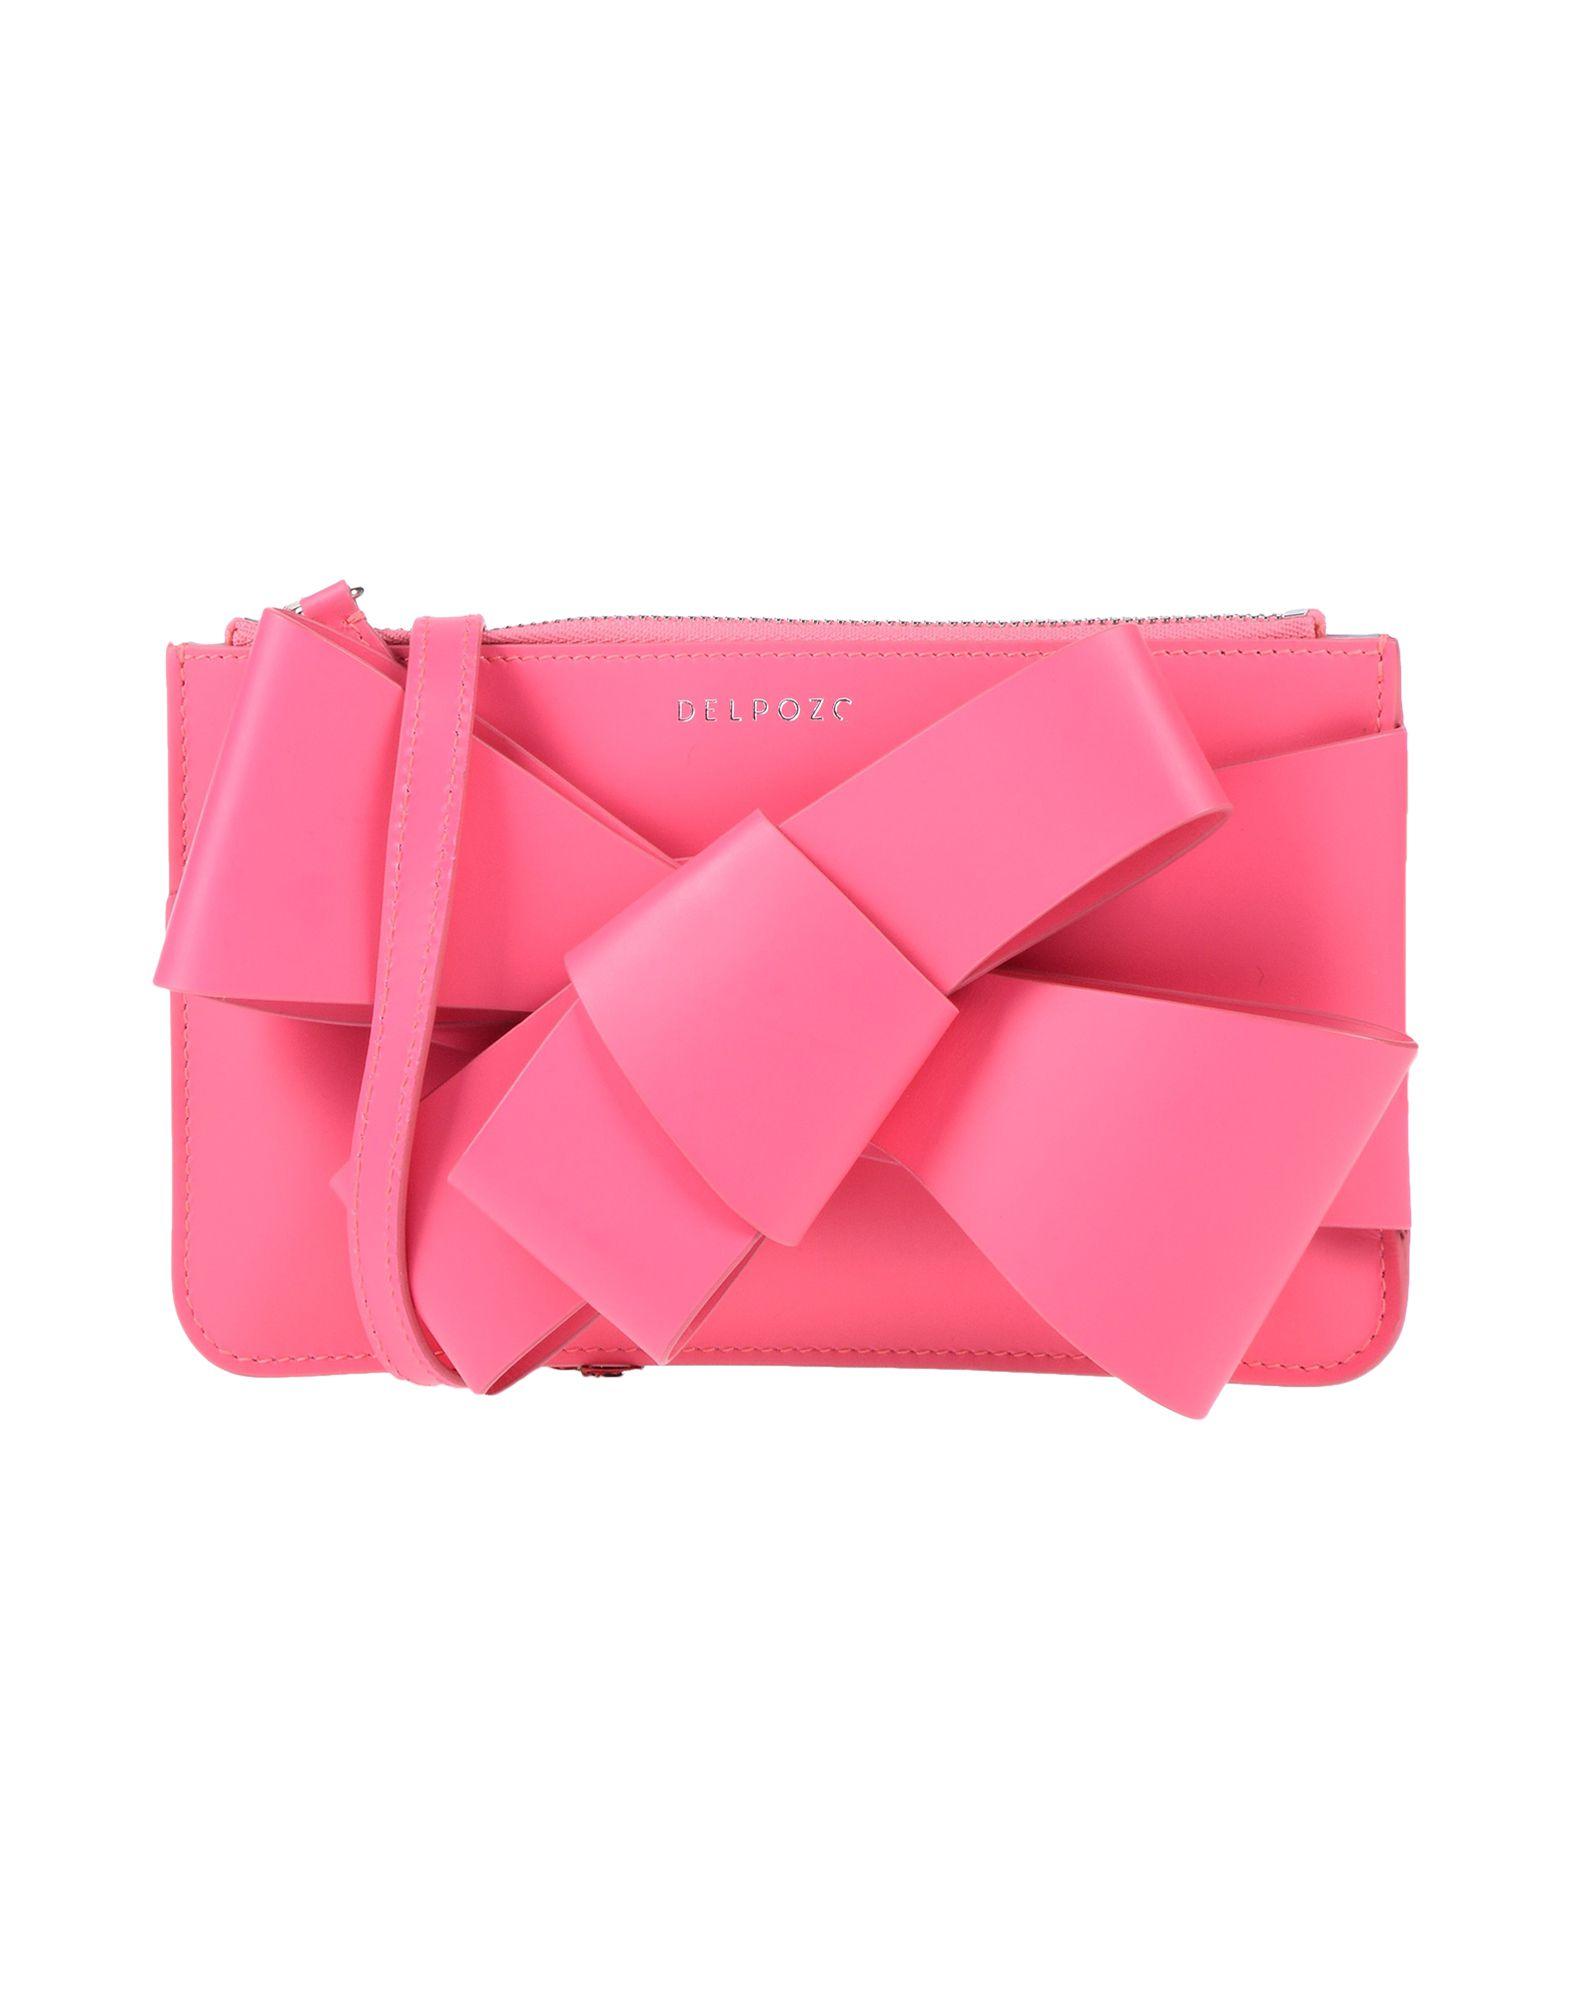 DELPOZO | DELPOZO Handbags 45464289 | Goxip